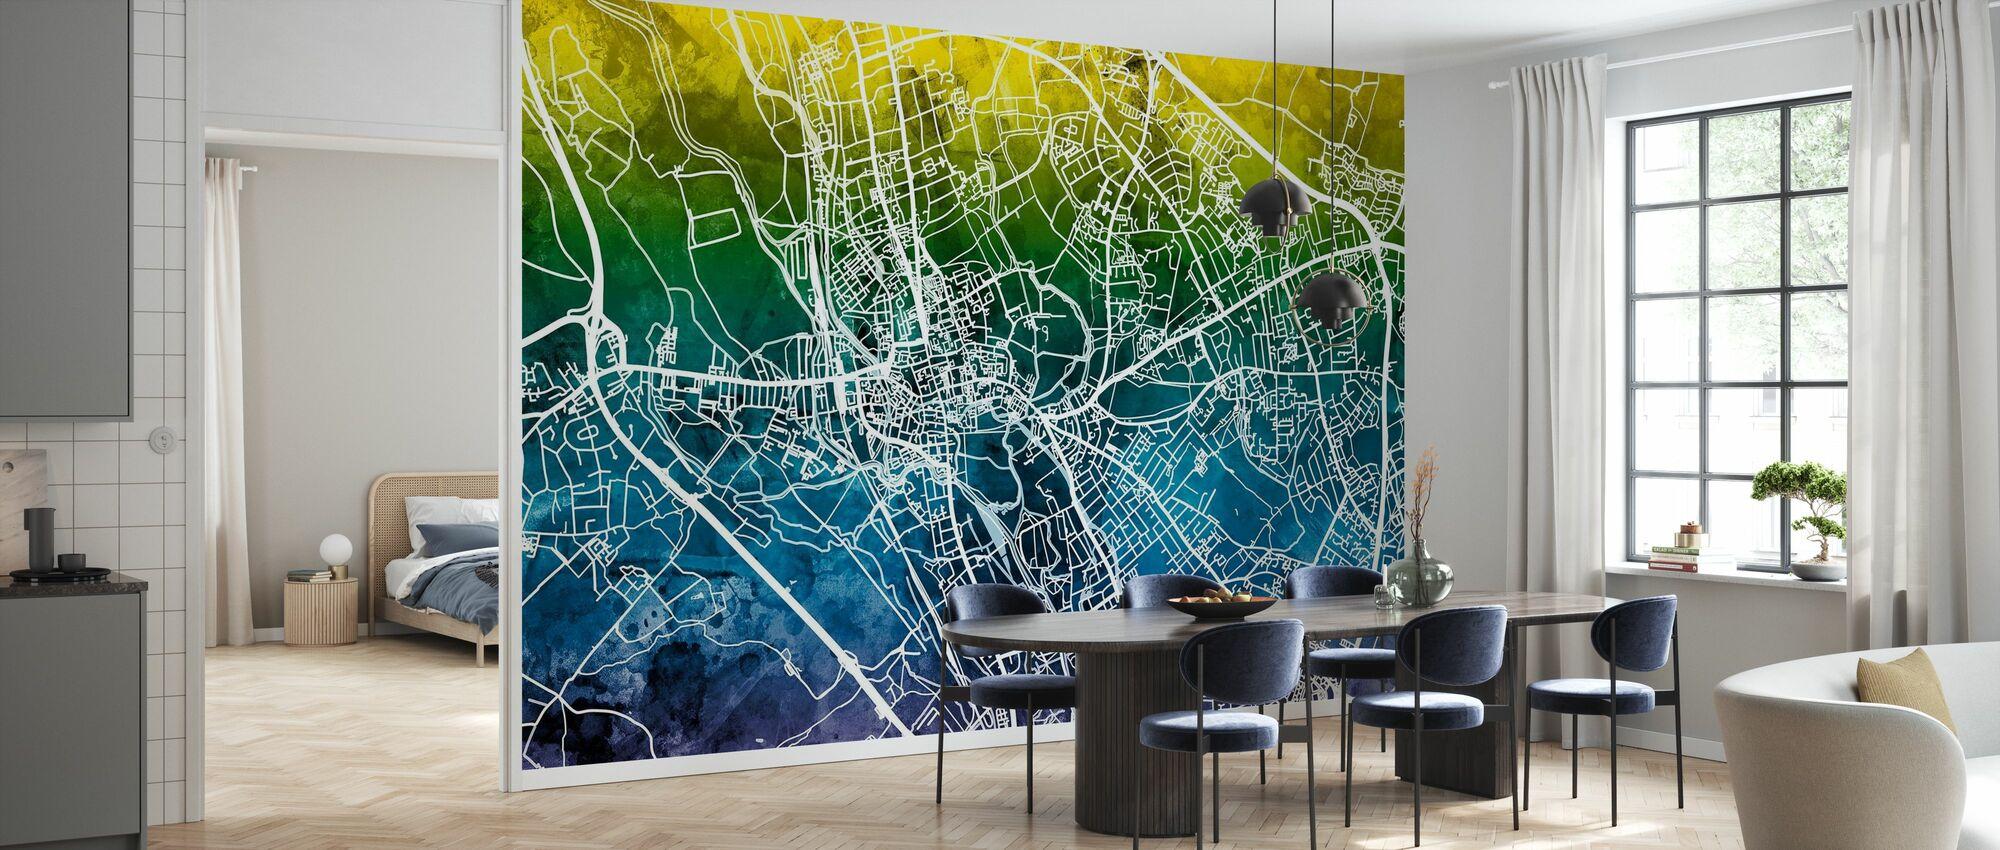 Oxford Street Map - Bluegreen - Wallpaper - Kitchen